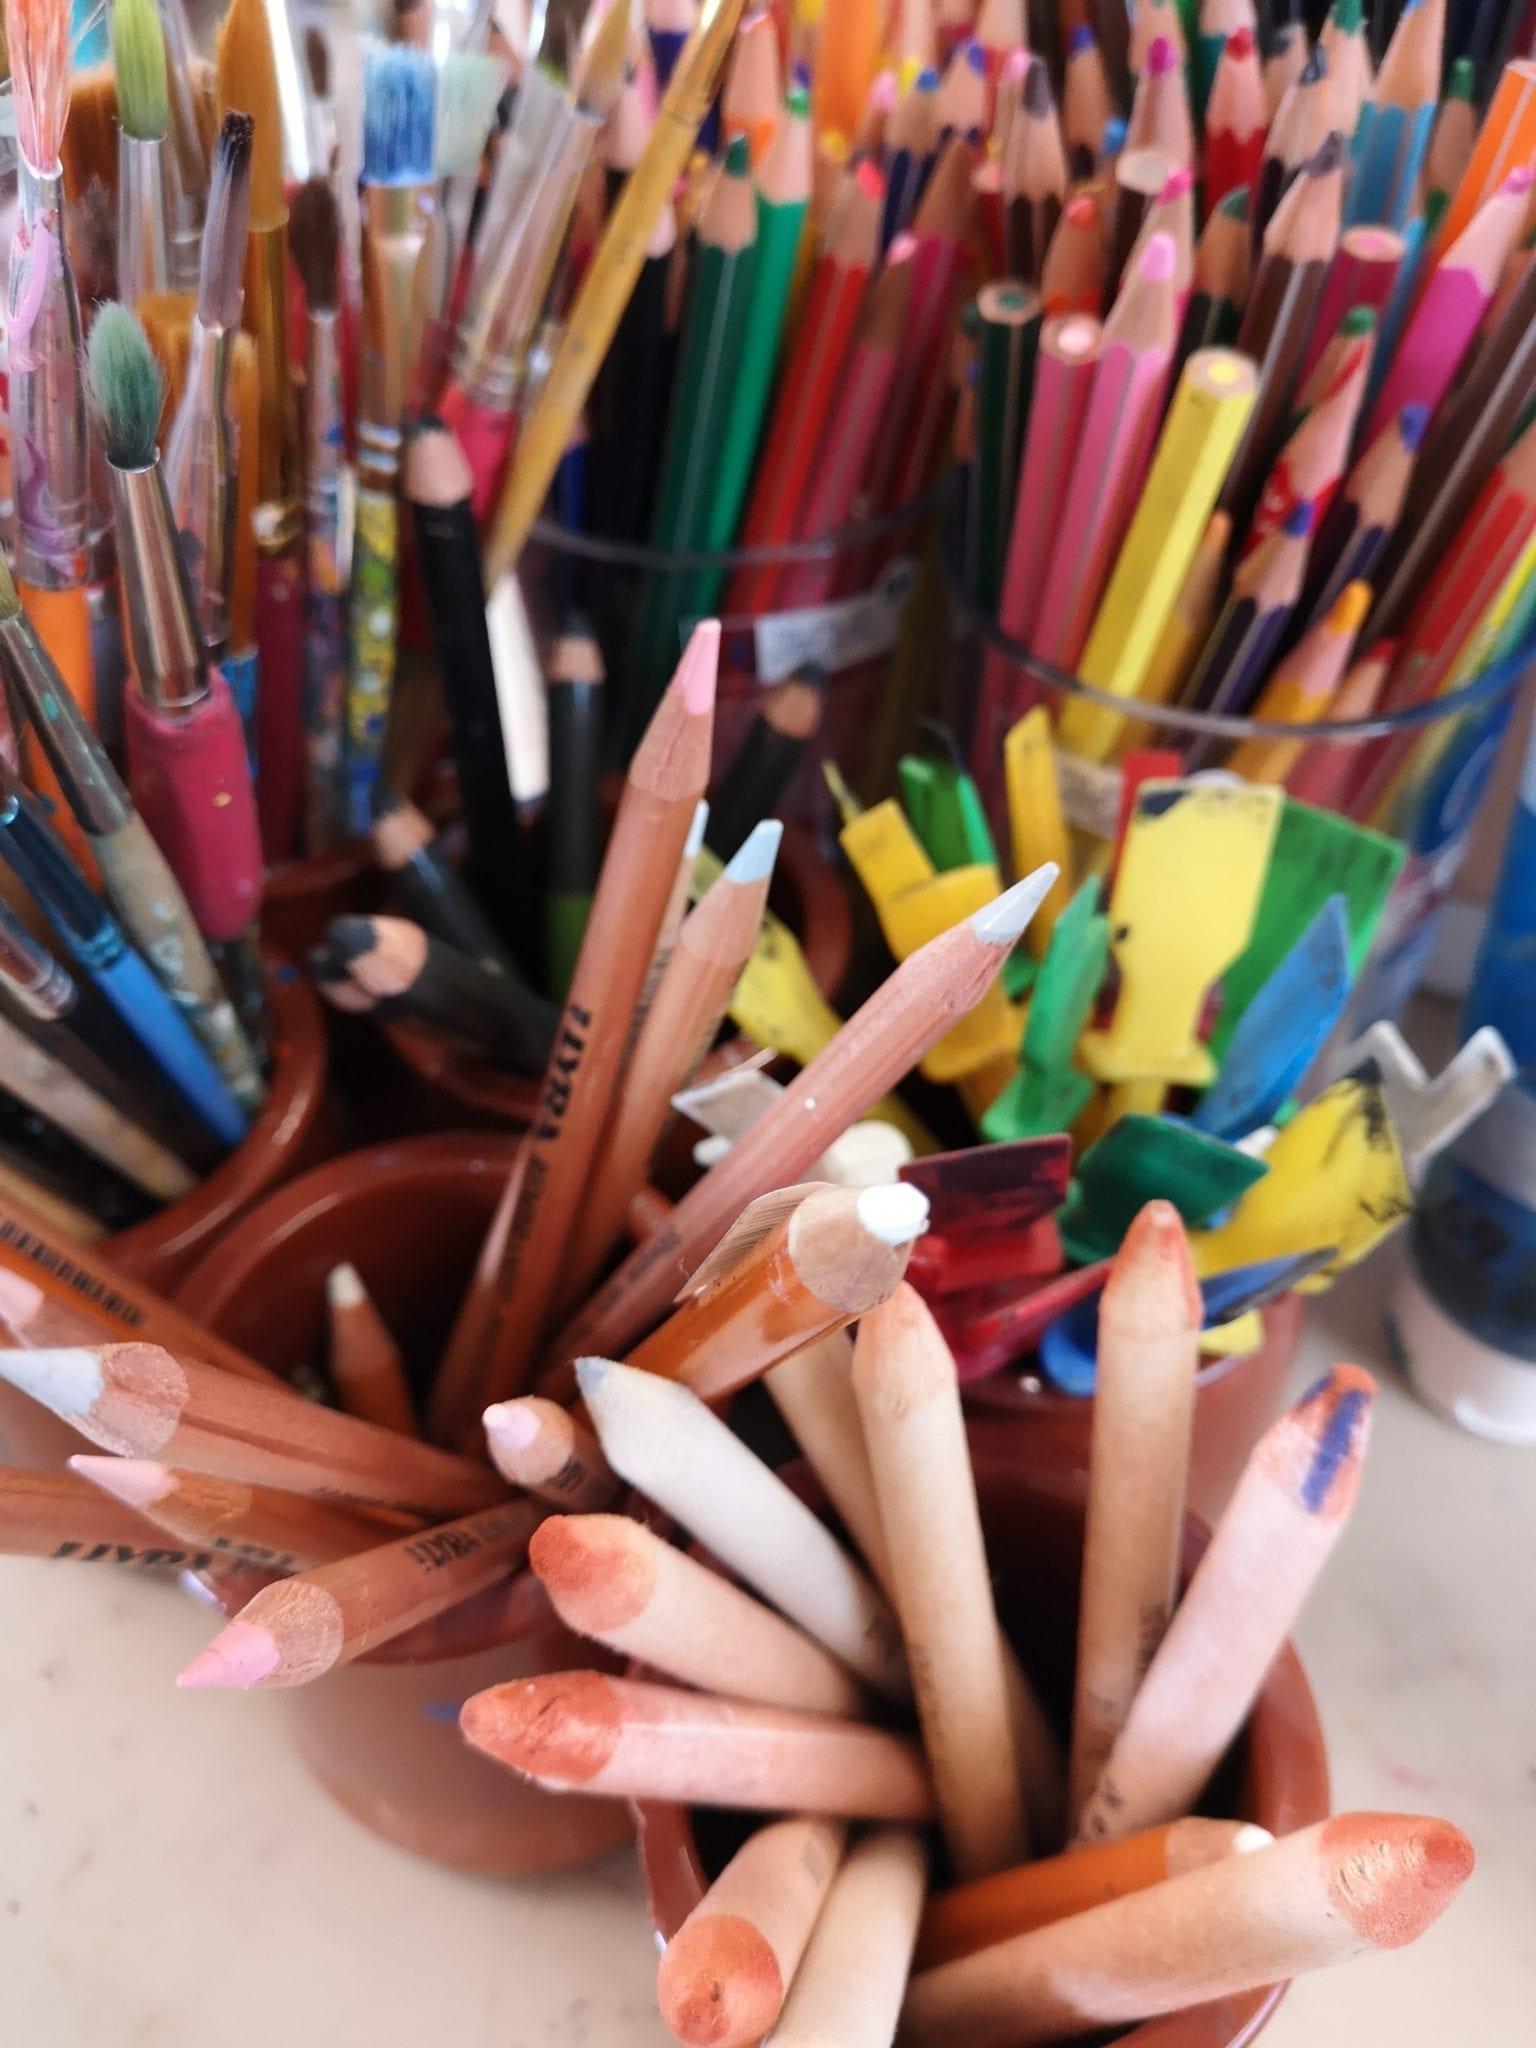 Nouveau : l'Eveil artistique, dès 6 ans